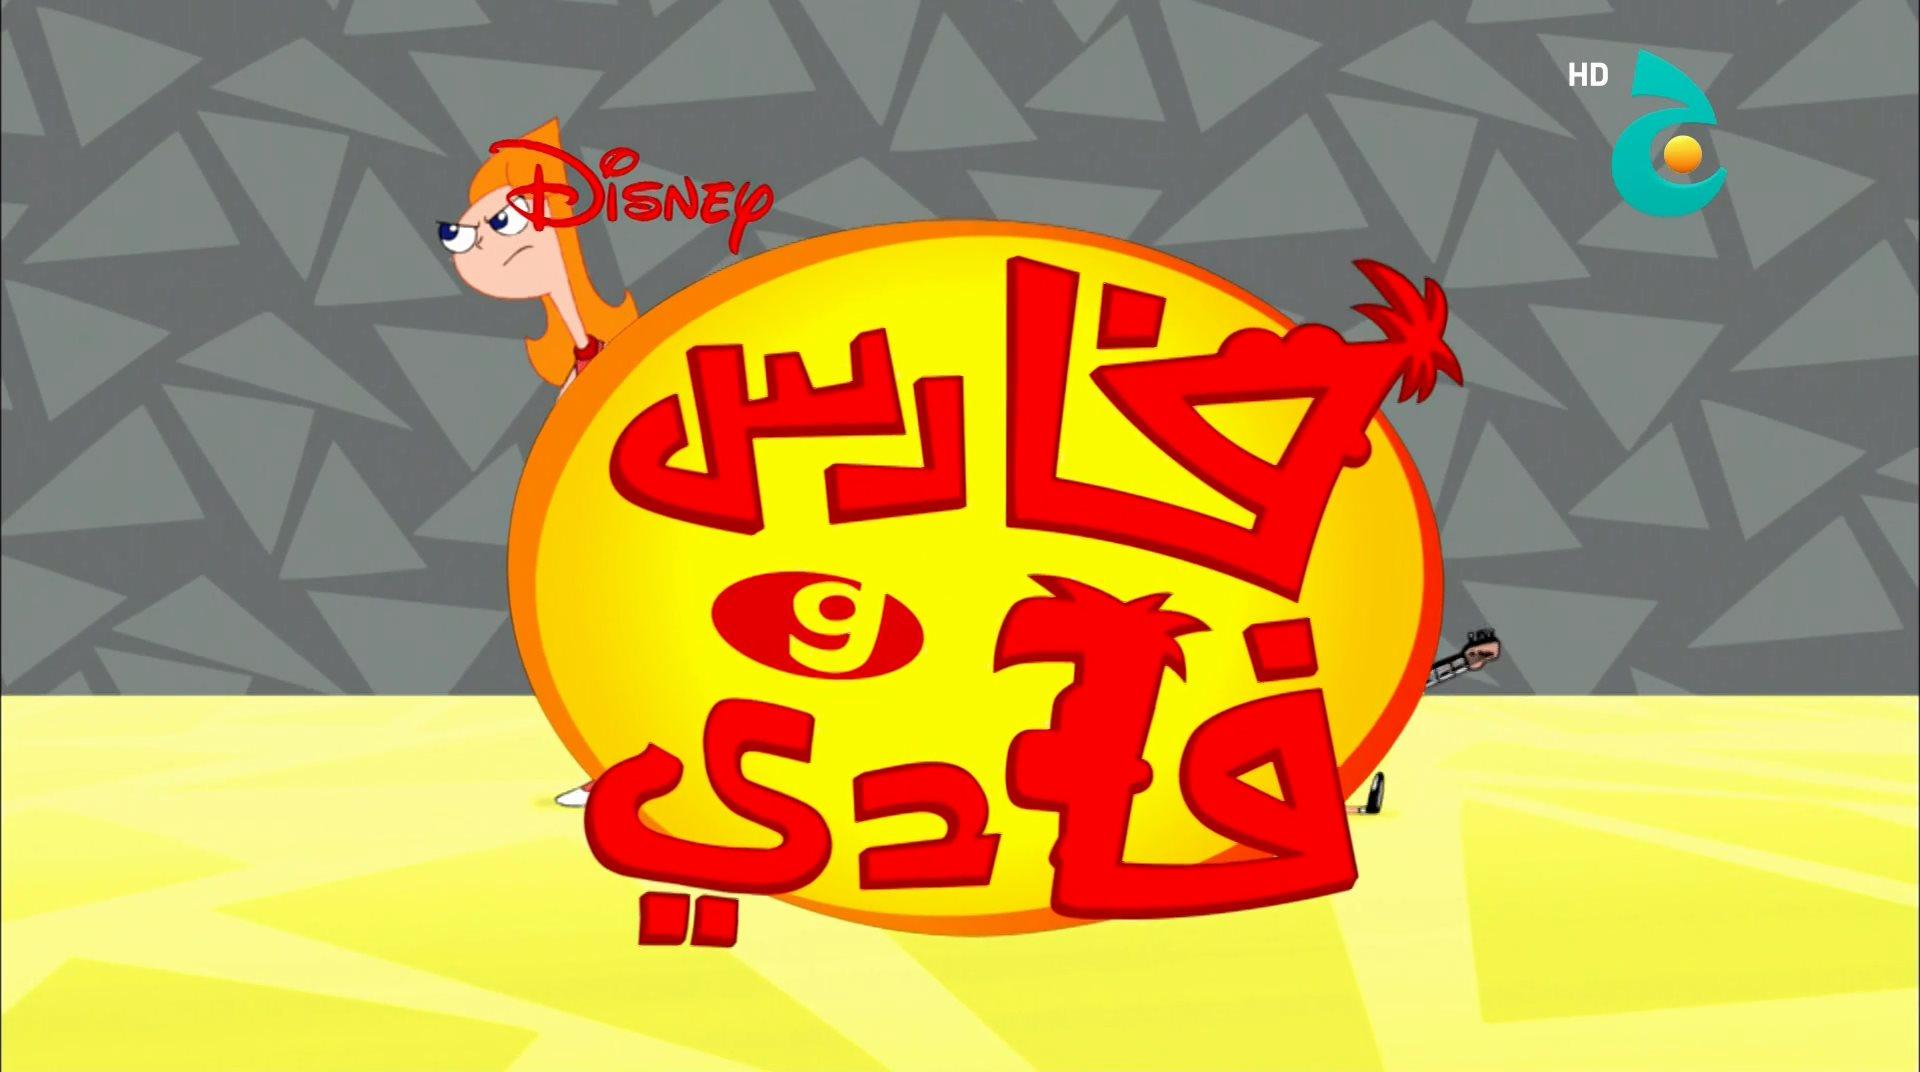 [فارس وفادي / Phineas and Ferb][57 حلقة][1072p]